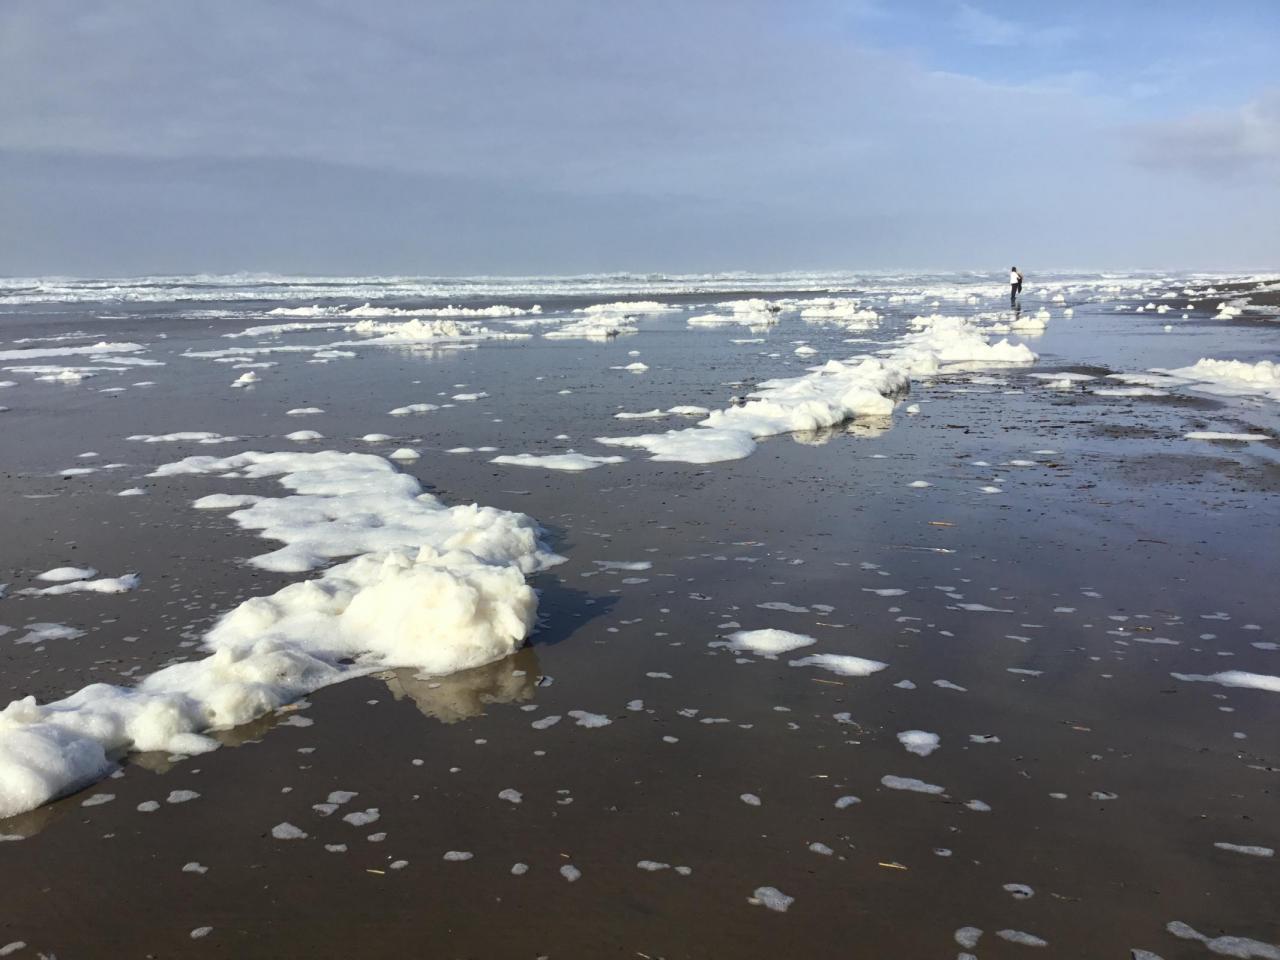 Sea foam or icebergs?